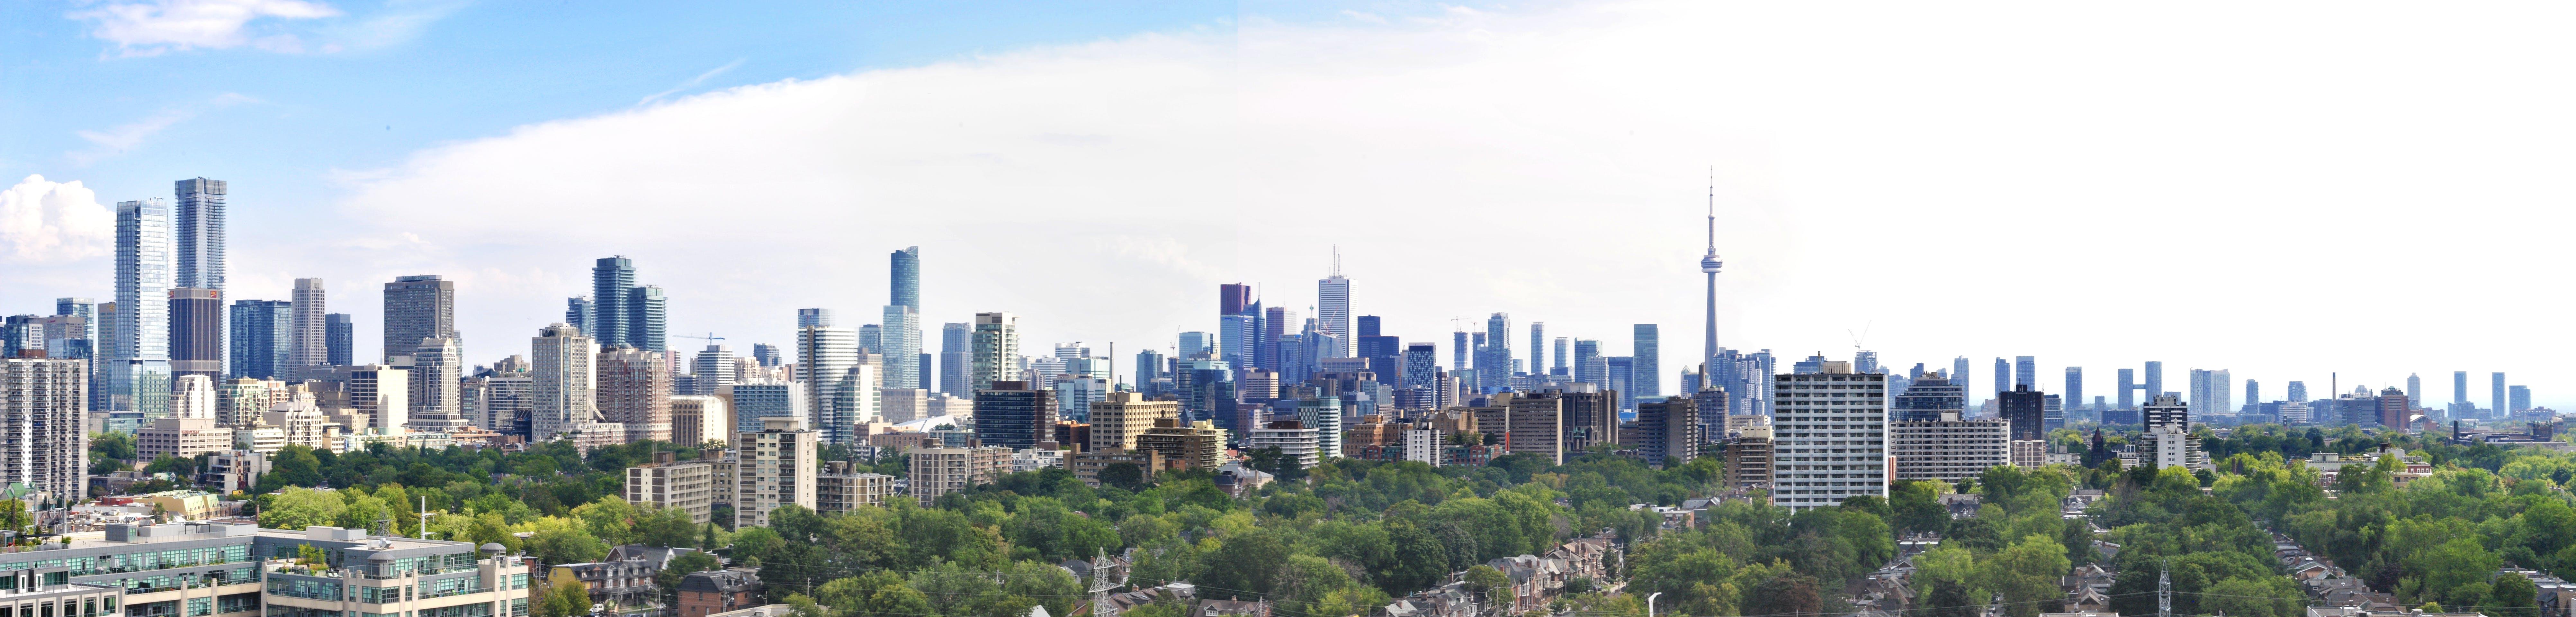 Free stock photo of Large Toronto Panorama